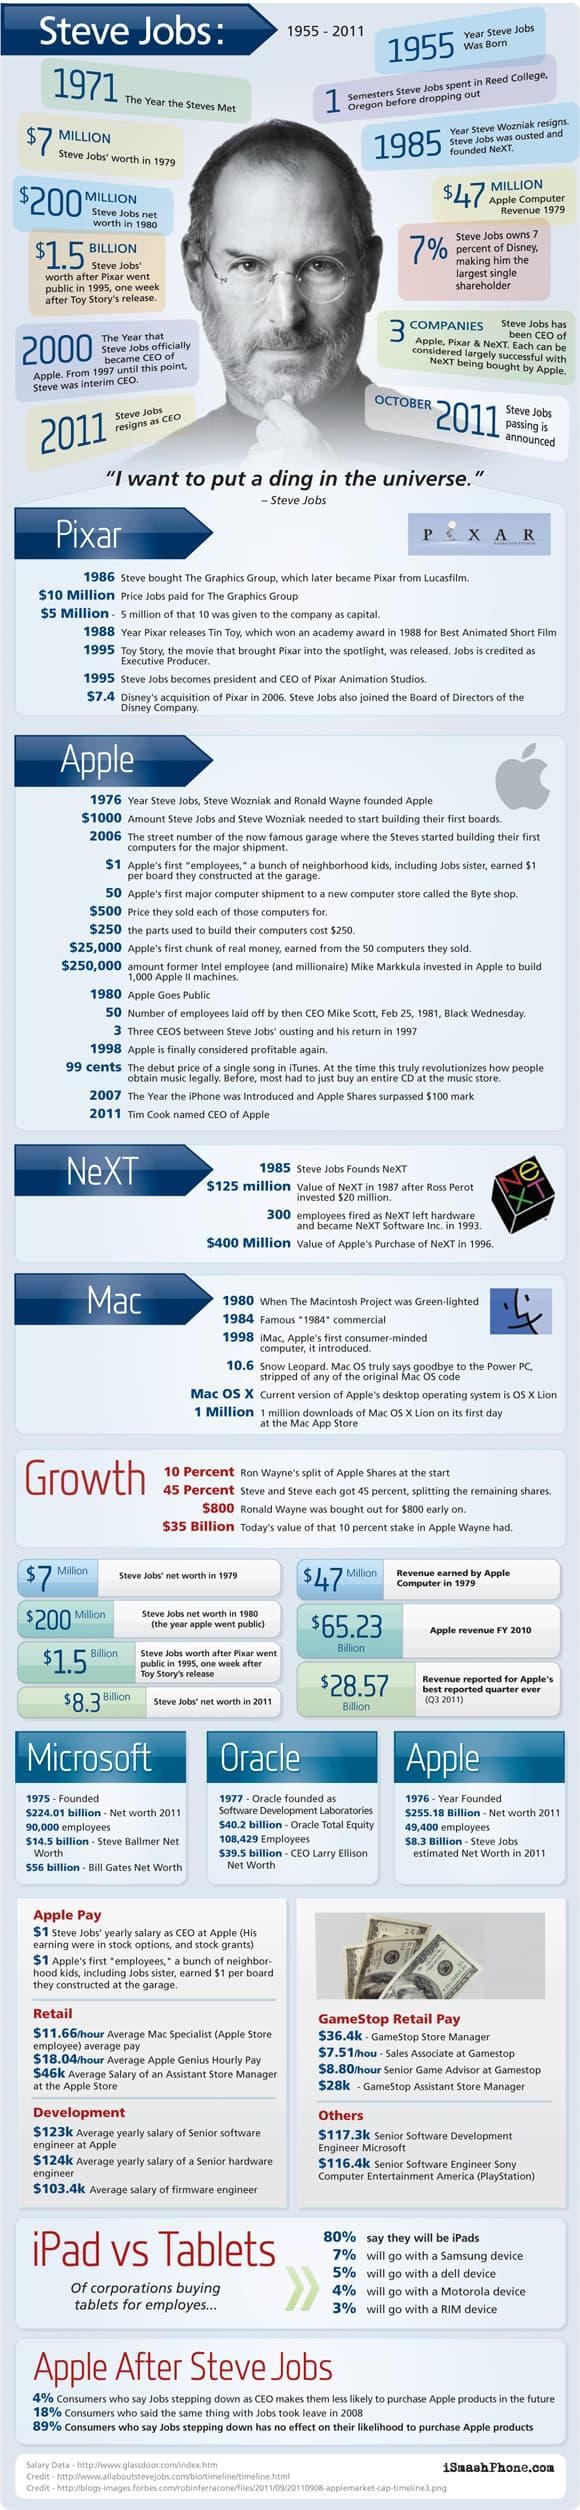 7 steve jobs infographic 18 Stunning Steve Jobs Infographics